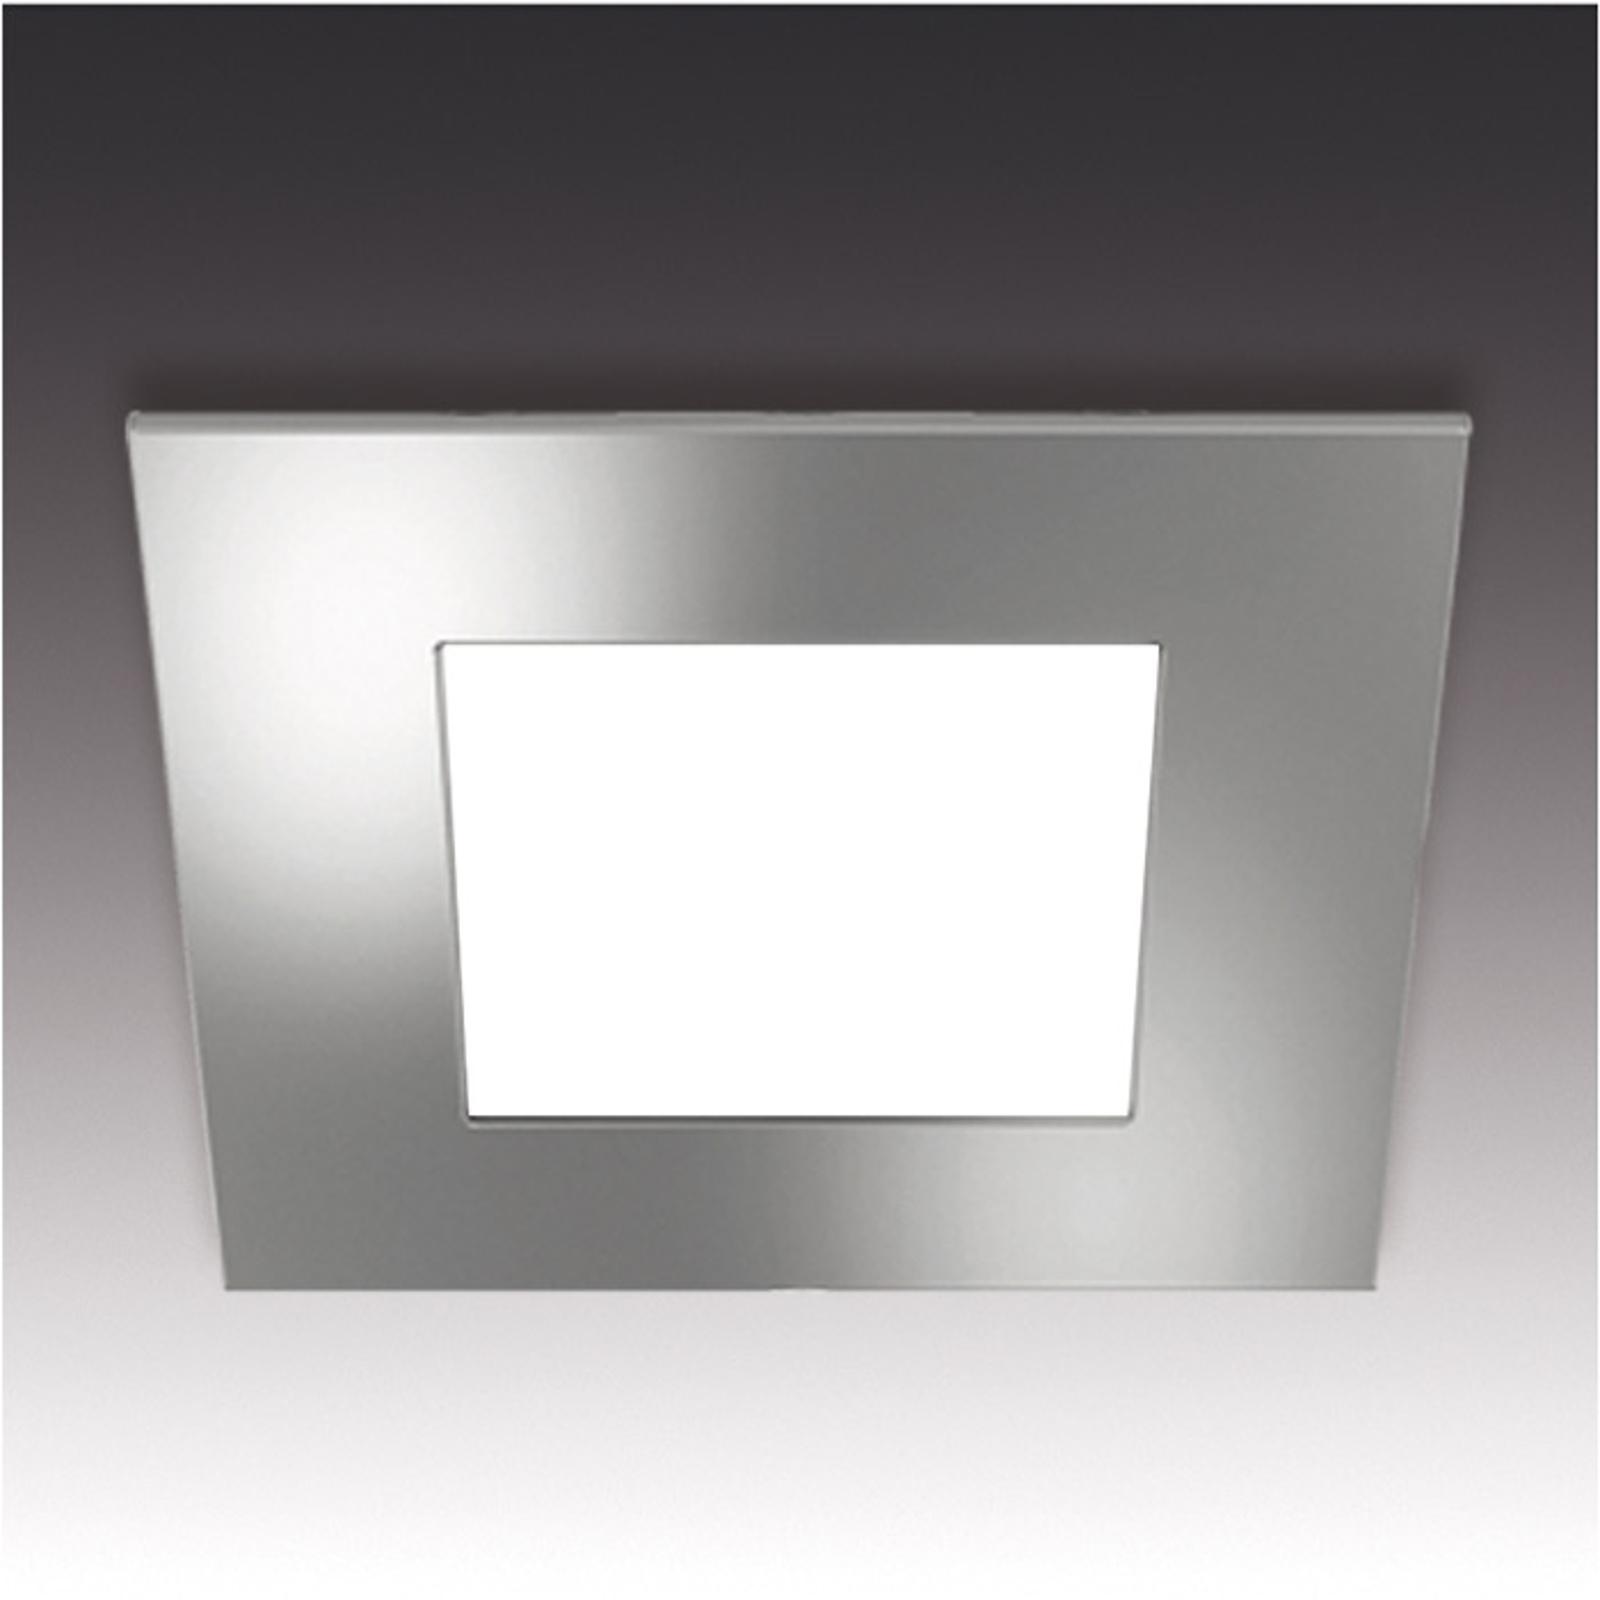 Produktové foto HERA 5ks podhledové svítidlo FR 68-LED teplá bílá, roh